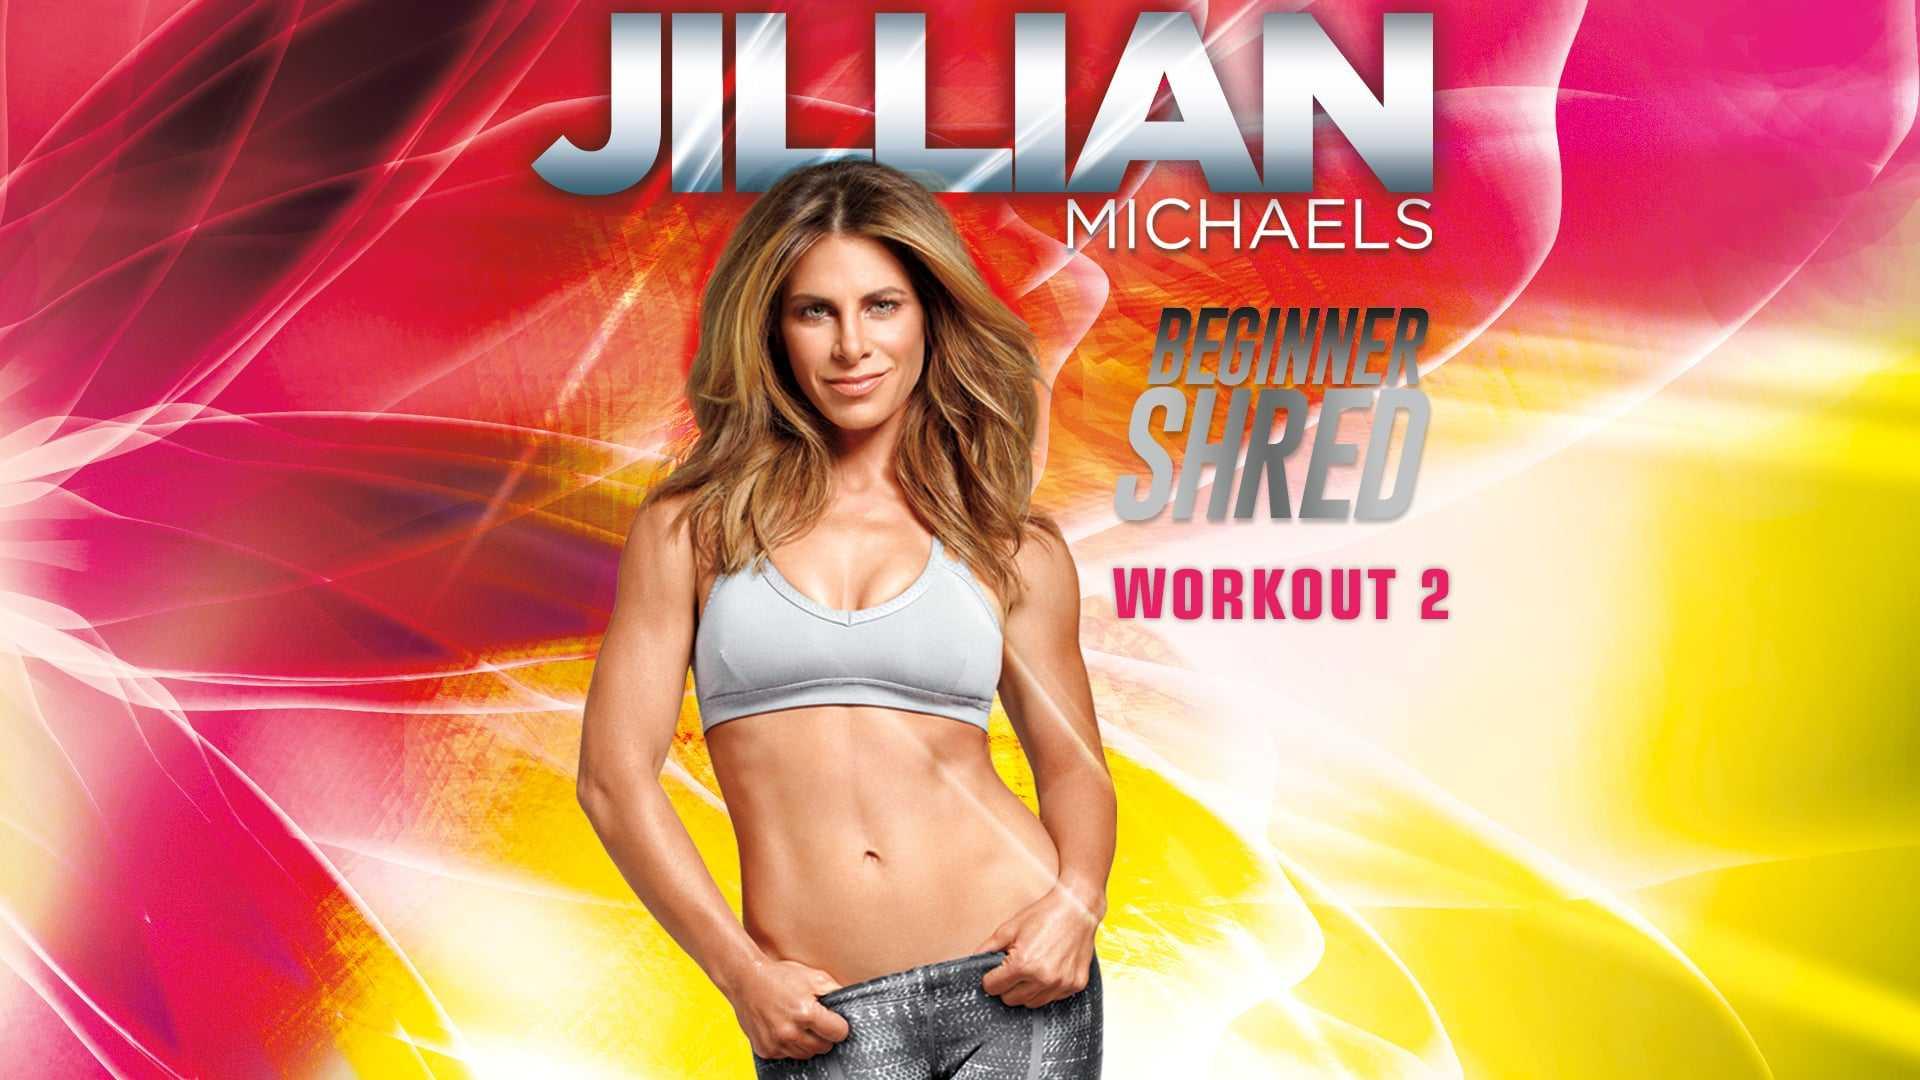 Джиллиан майклс: силовая тренировка. отзывы, описание